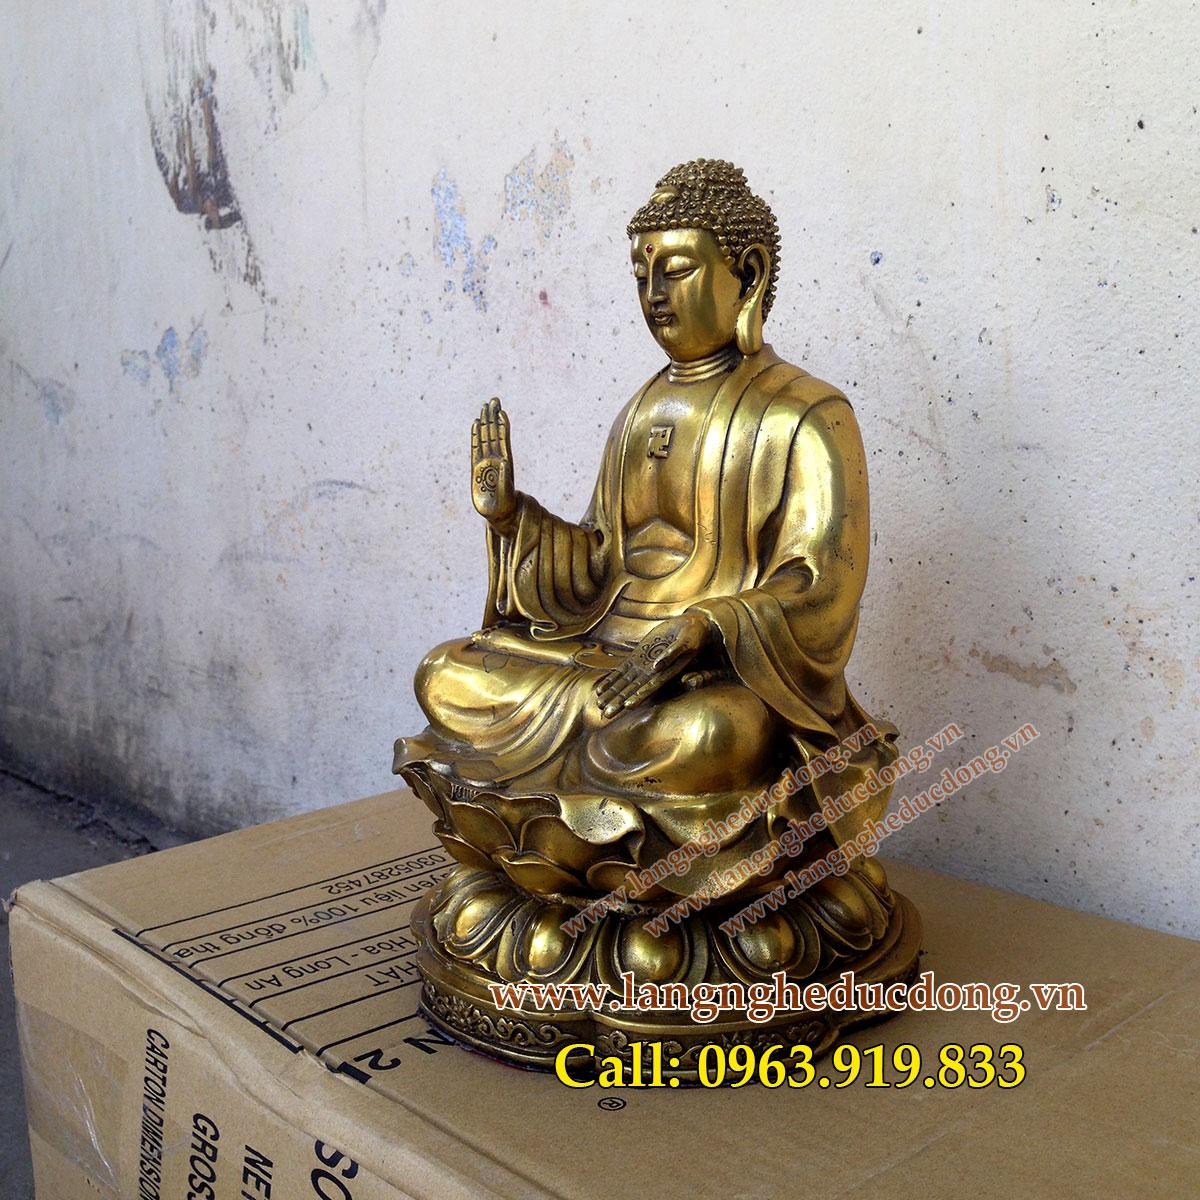 langngheducdong.vn - tượng thích ca bằng đồng vàng, mẫu tượng thích ca bằng đồng cỡ nhỏ